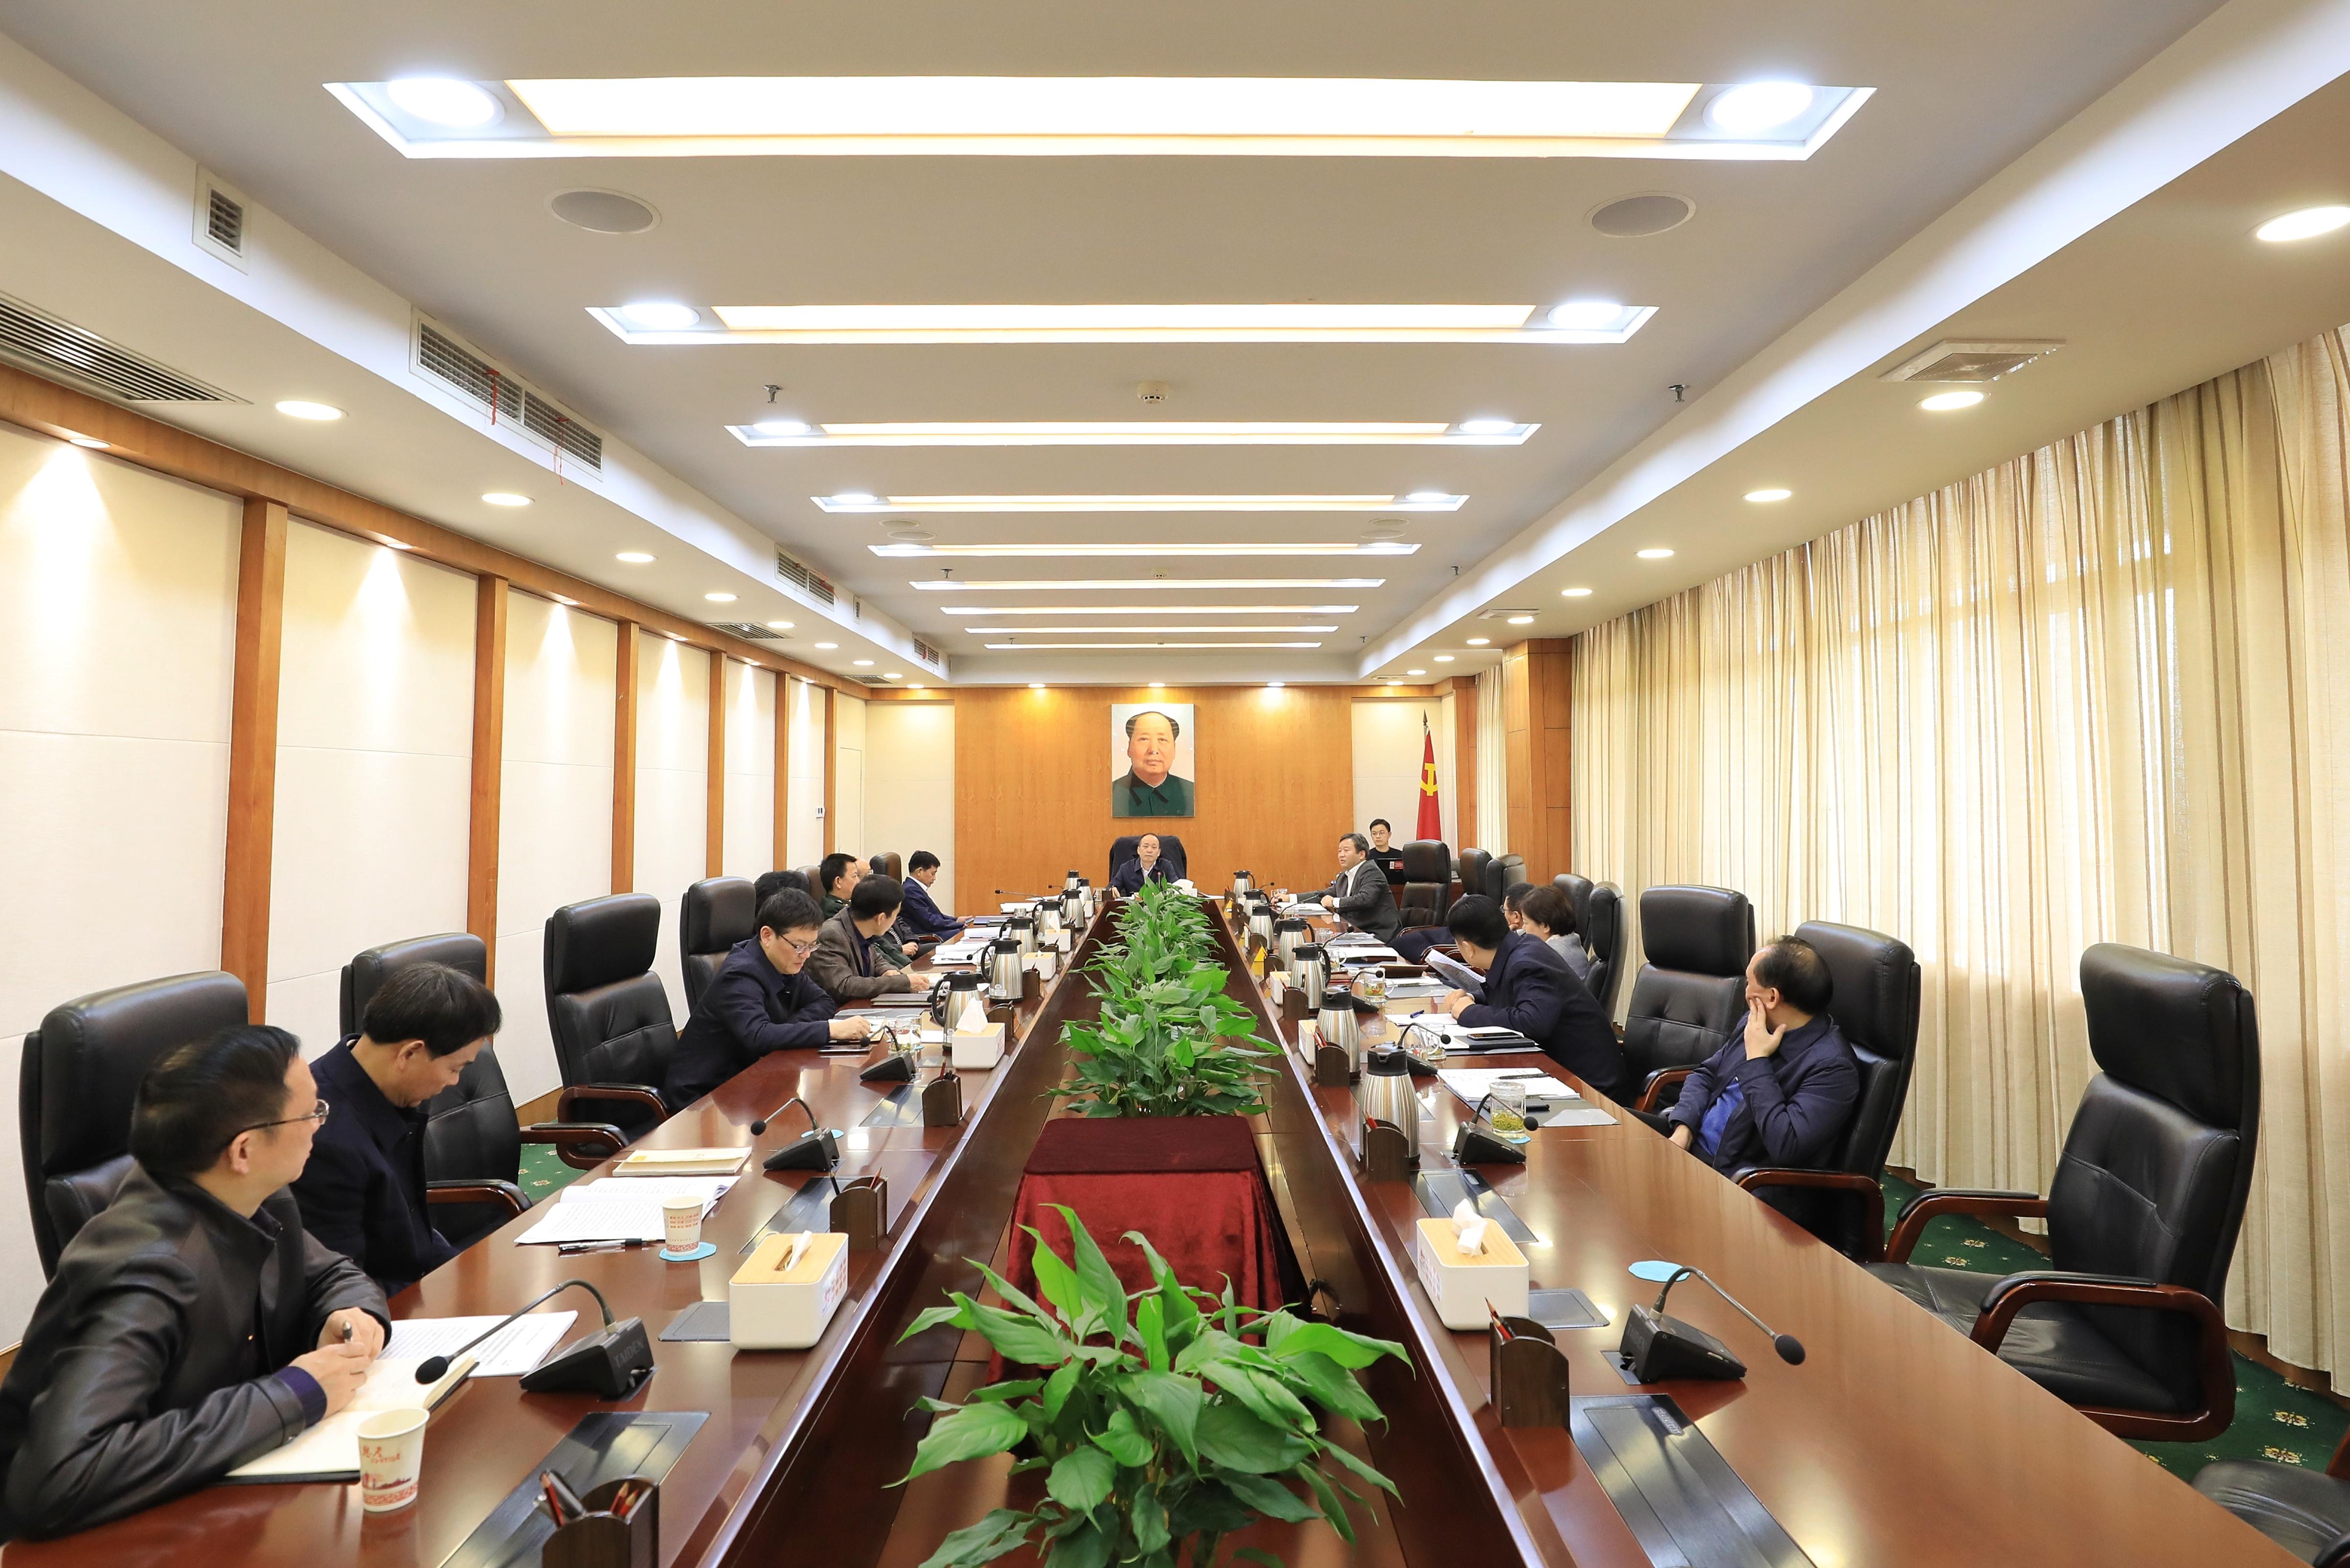 周德睿主持召开市委常委会会议 传达学习中央、省有关会议精神